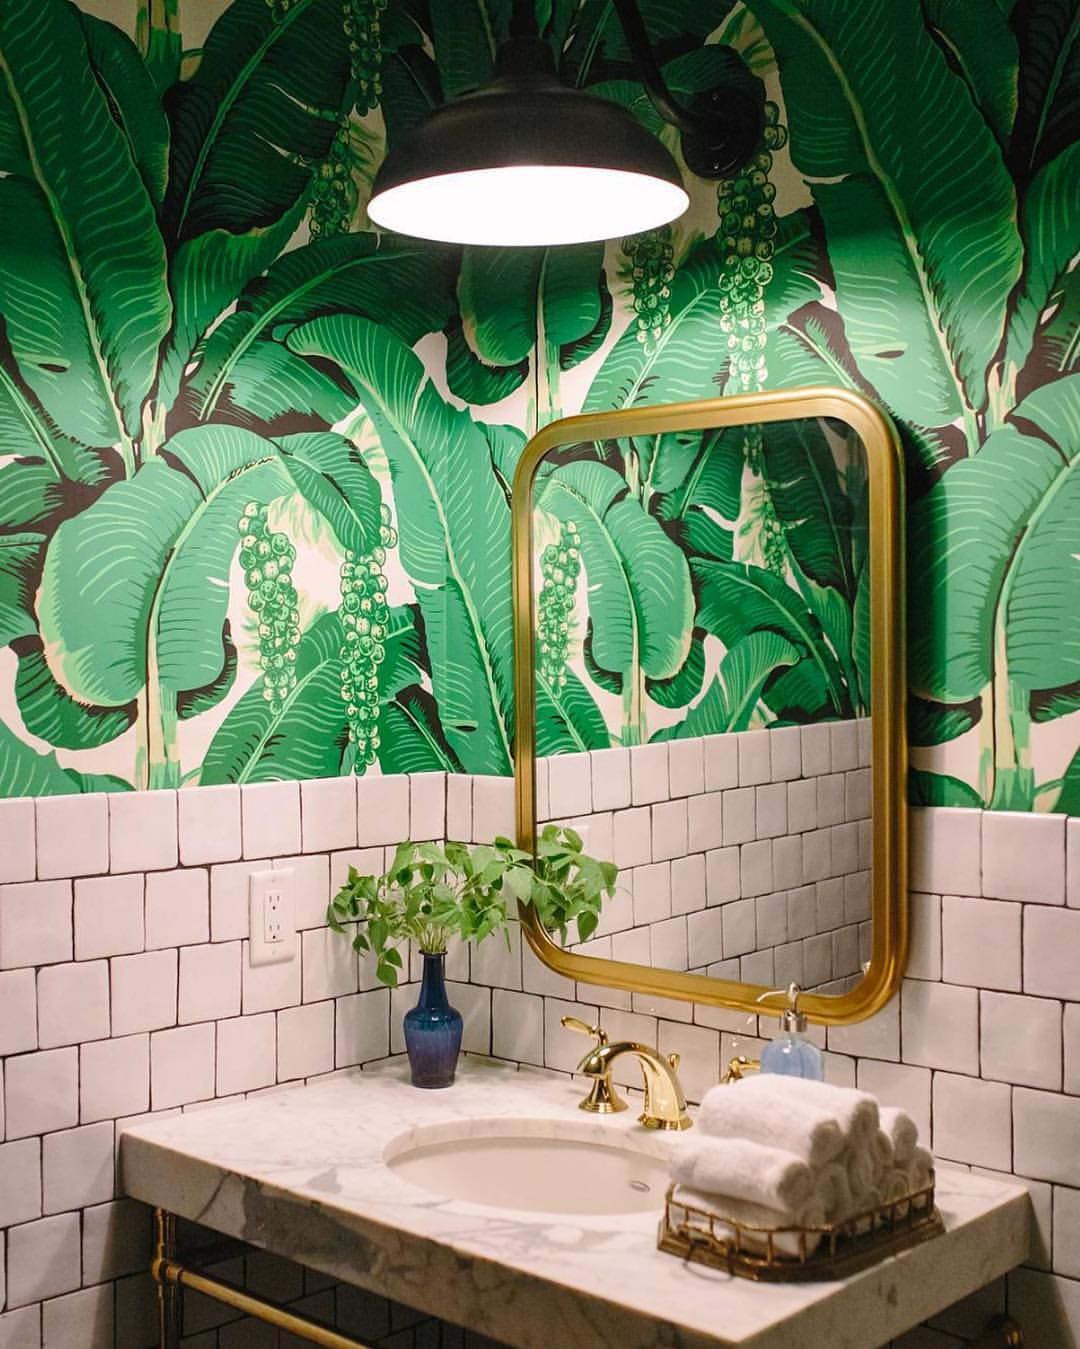 Ha pedig végképp nincs más megoldás, egy jópofa dzsungel-tapétával is feldobhatjuk a fürdőszobát! :)